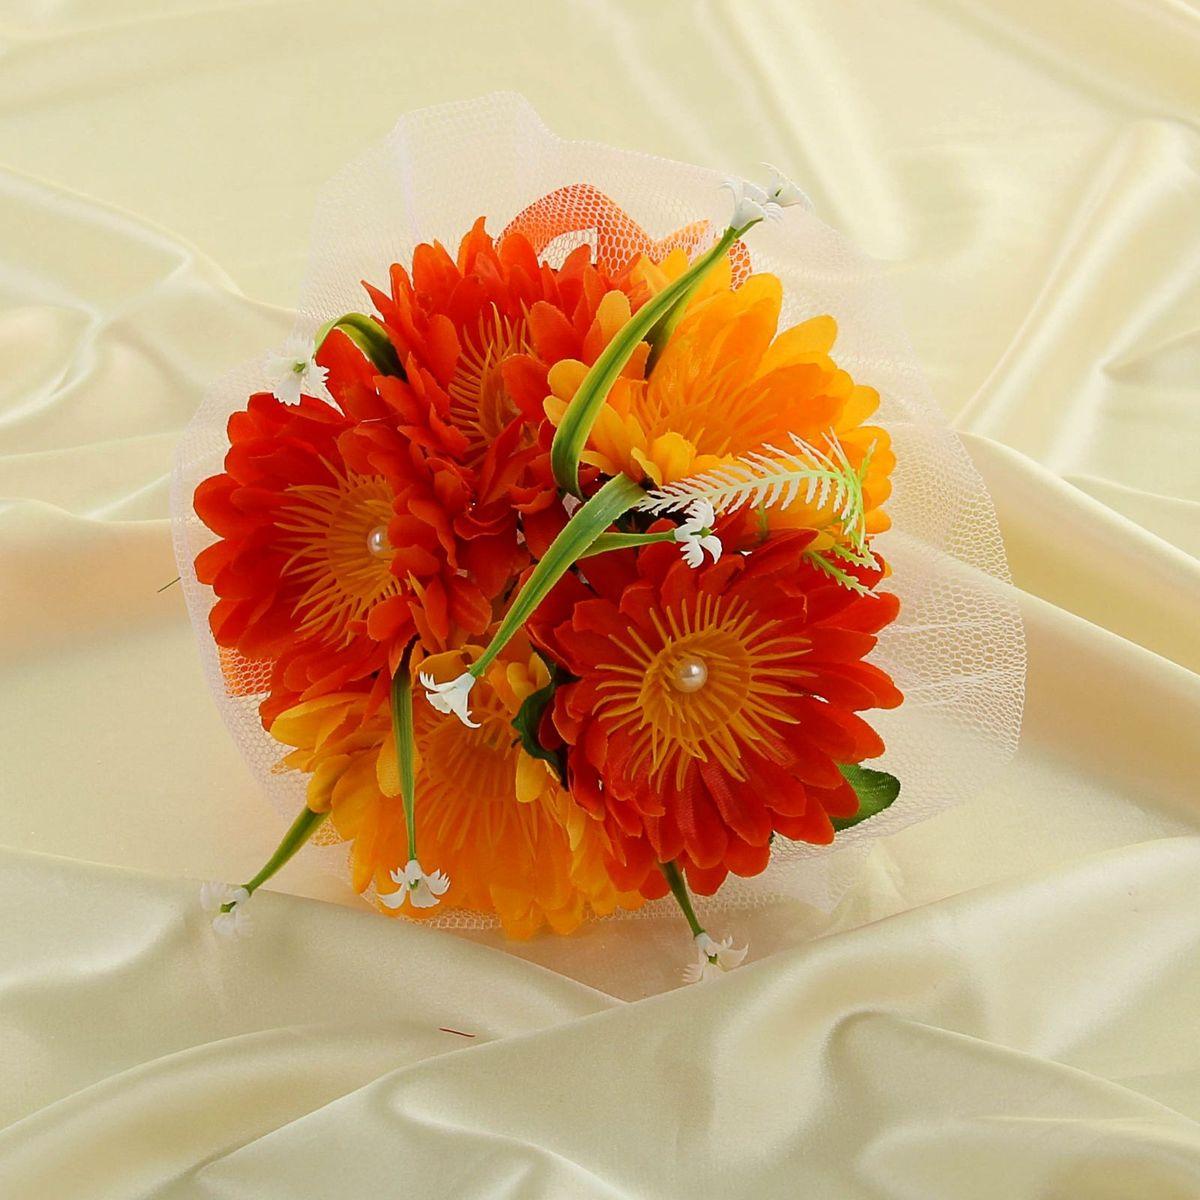 Букет-дублер Sima-land, цвет: оранжевый. 113509219201Современные невесты используют букеты из искусственных материалов, потому что они легче, дешевле и не рассыпаются в полёте. Ведь для многих незамужних подружек поймать букет на свадьбе — шанс осуществления заветной мечты.Кроме свадебной тематики изделие используют для фотосессий, так как оно не утрачивает праздничный вид даже в непогоду, и как элемент украшения интерьера. Оригинальный букет будет, несомненно, в центре внимания на торжественном событии.